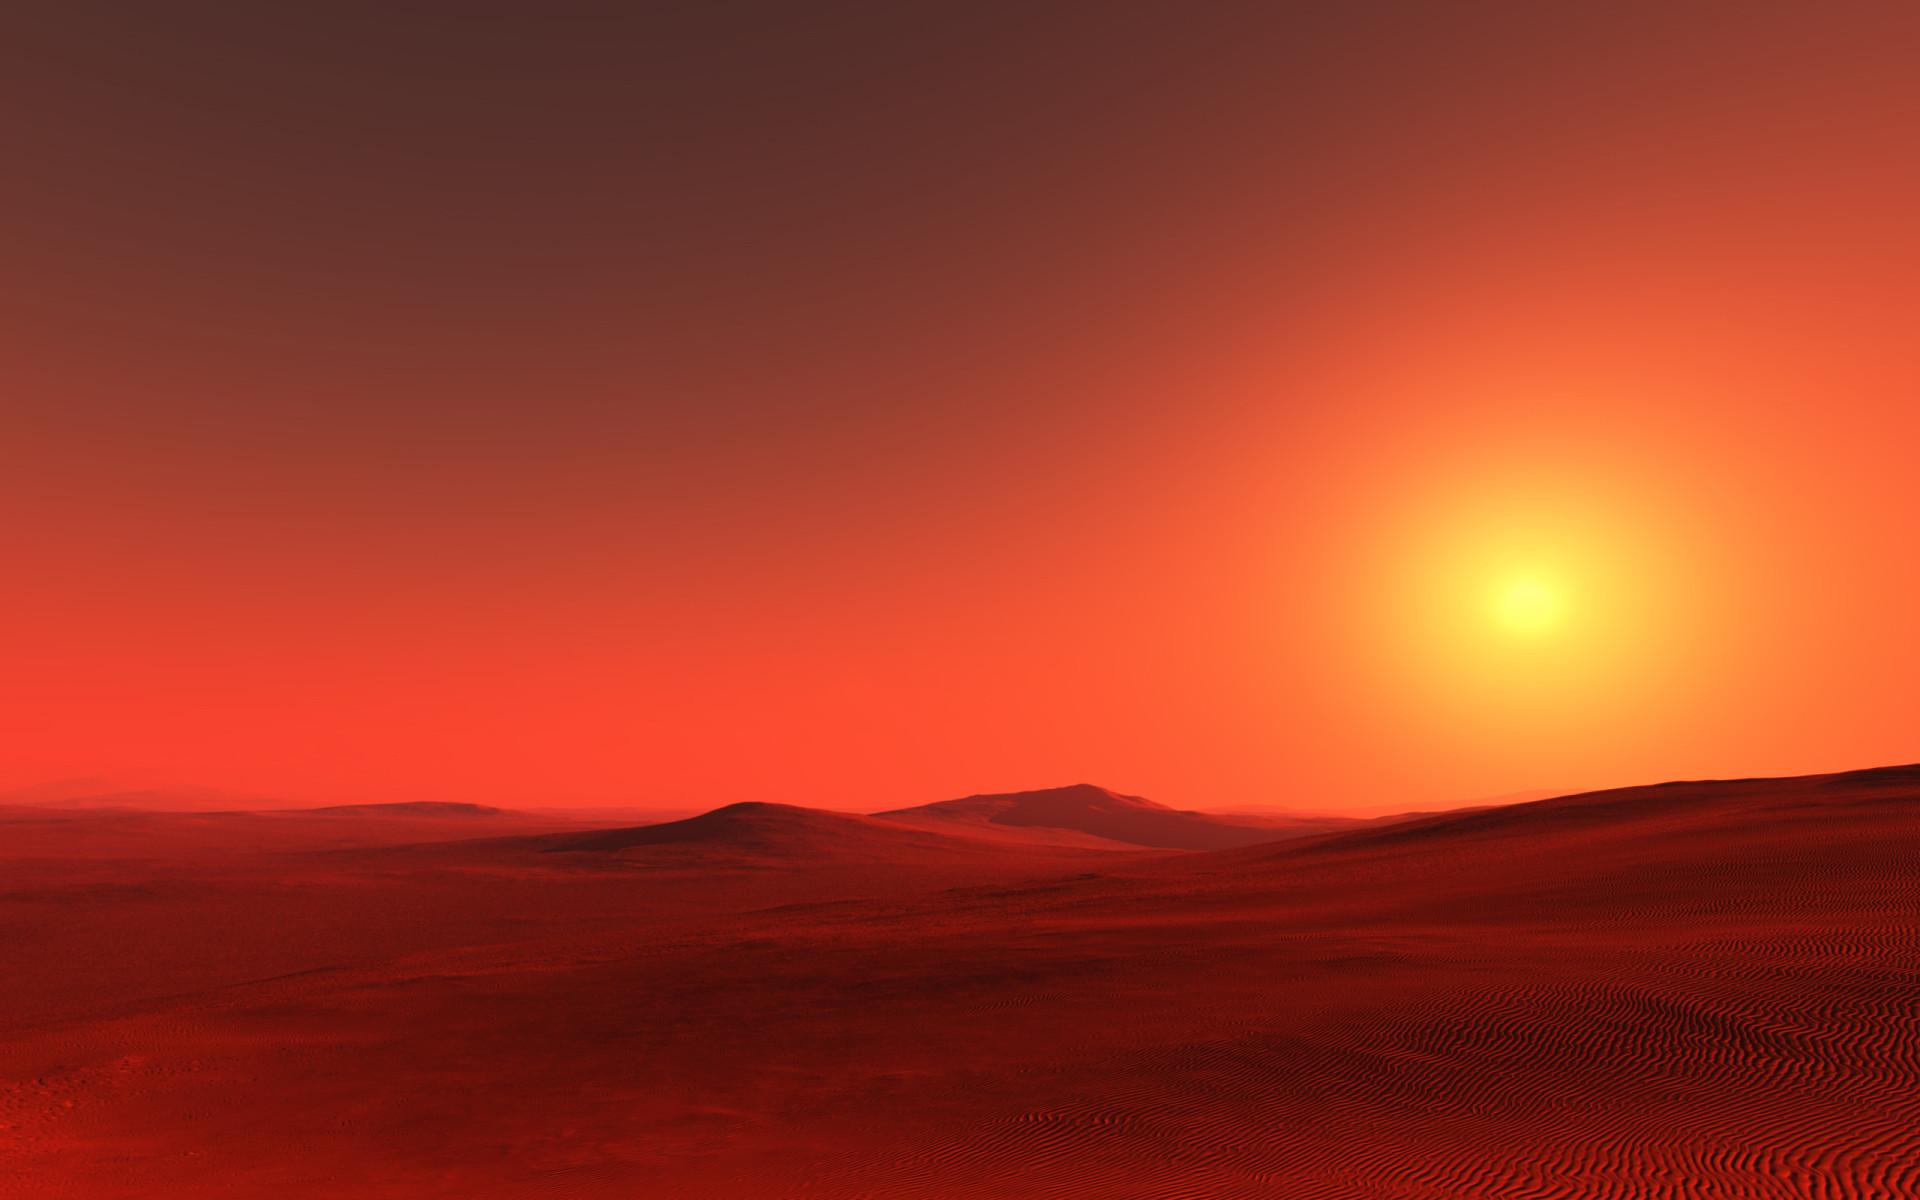 Mars Surface Wallpaper - WallpaperSafari